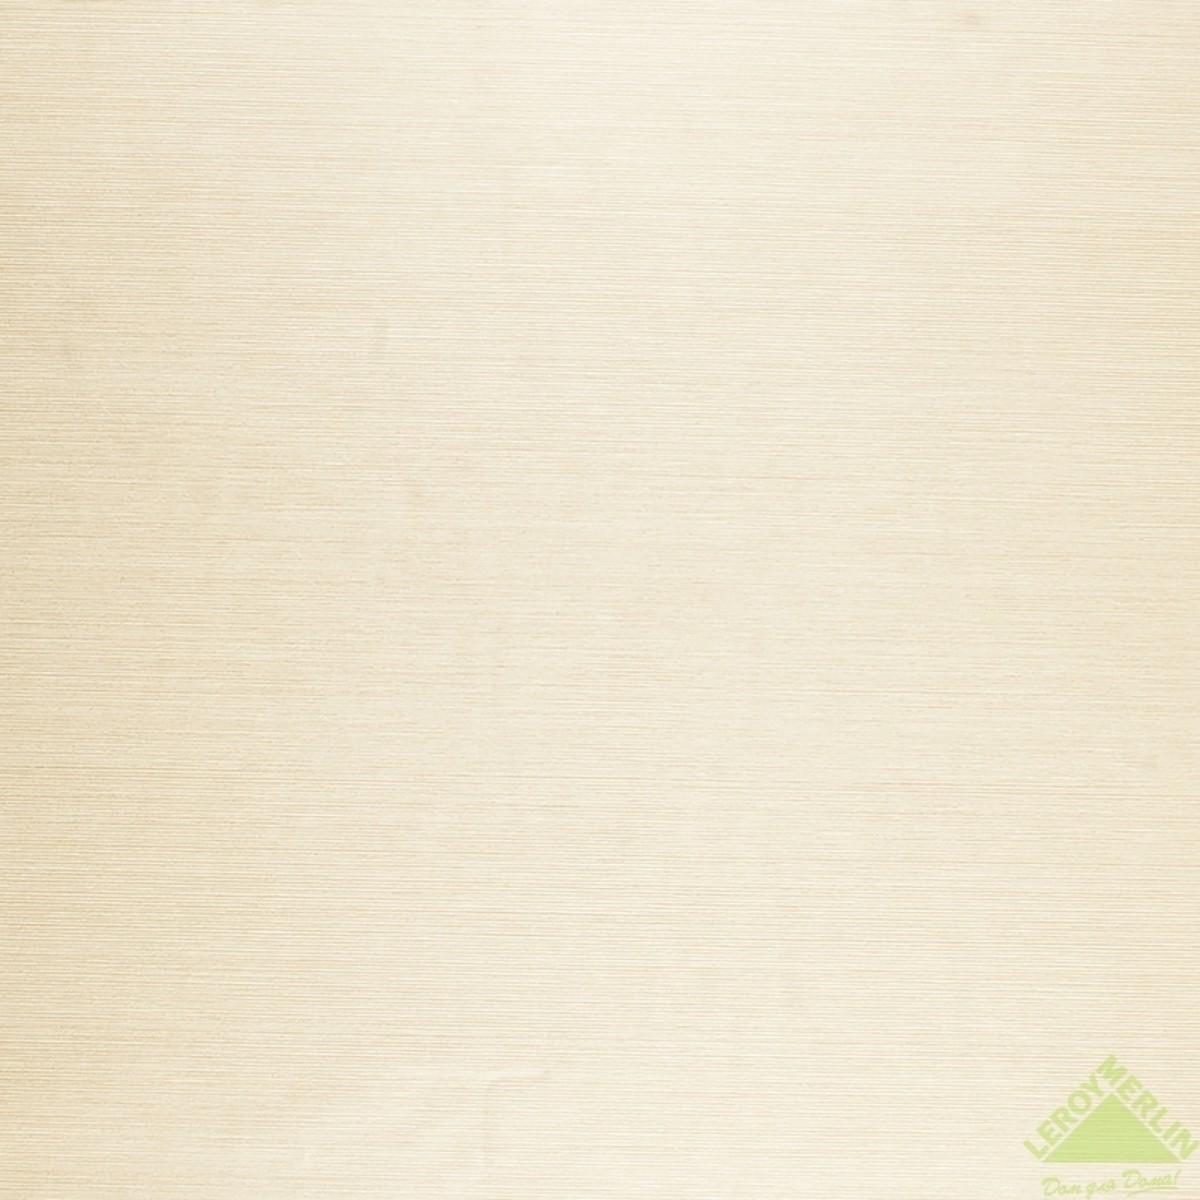 Обои флизелиновые 1.06х10 м текстурный цвет бежевый АС 95748-6